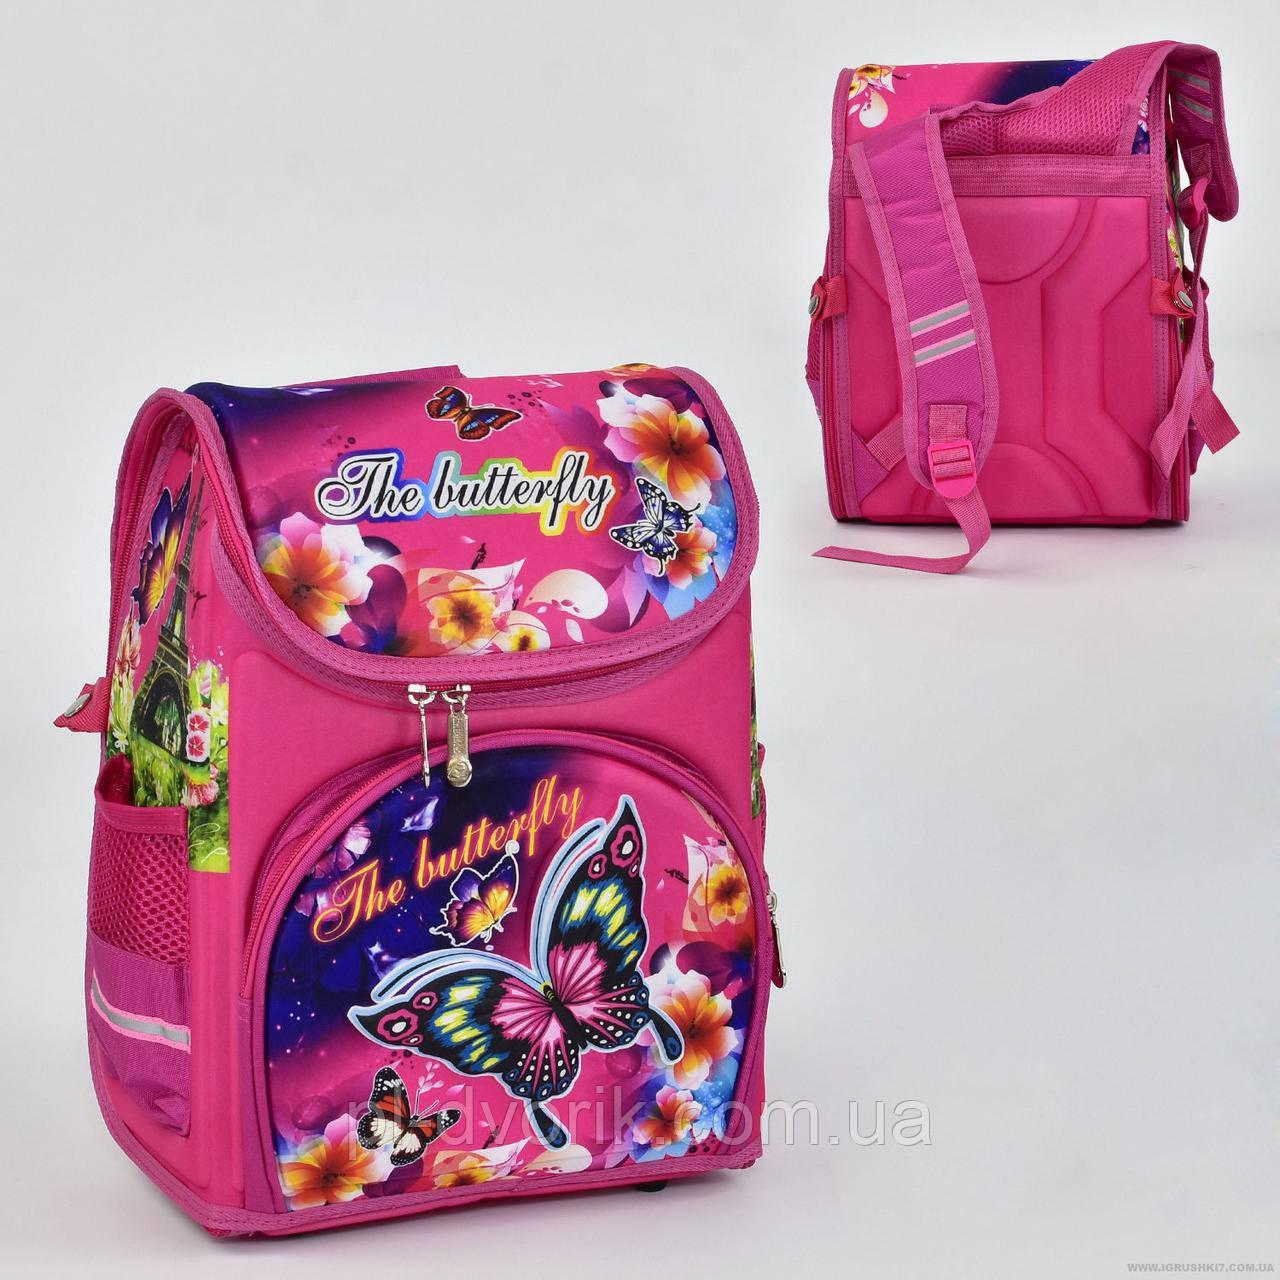 Рюкзак шкільний N 00117 (50) 2 кишені, ортопедична спинка Довжина: 27 см Ширина: 20 см Висота: 35 см Упаковк